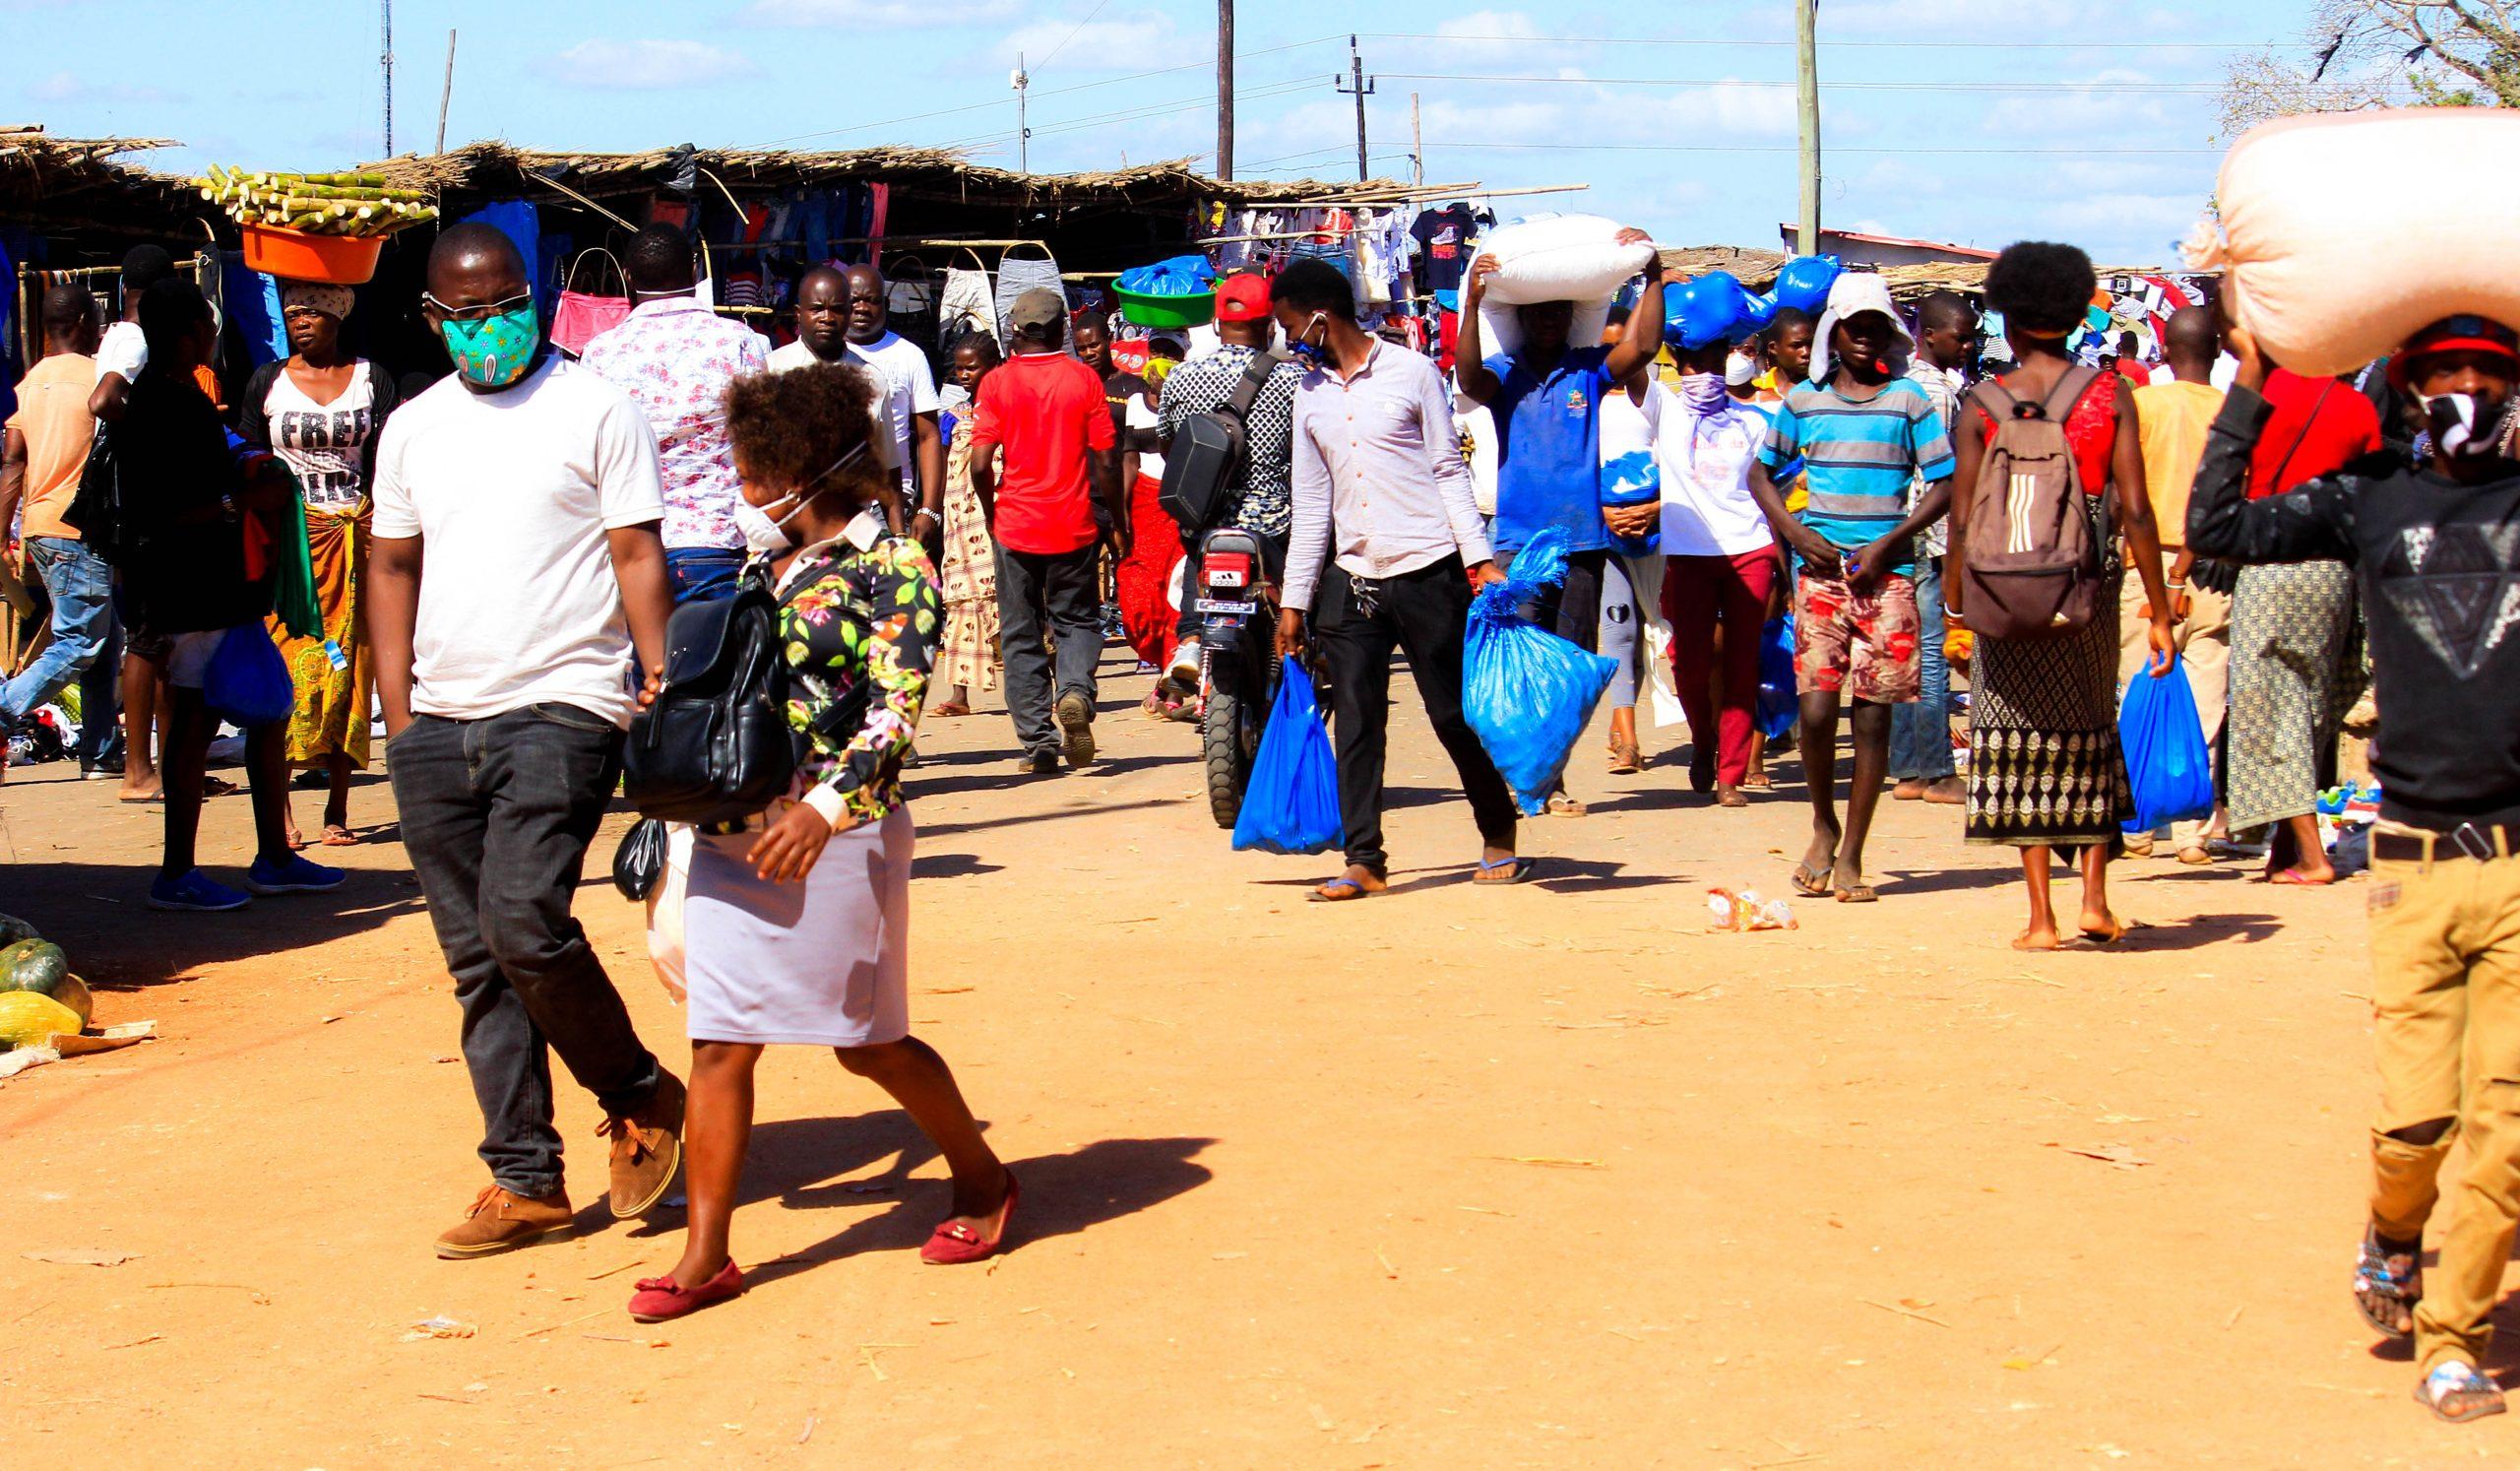 O preço de milho está cada vez mais a subir nos mercados de Nampula